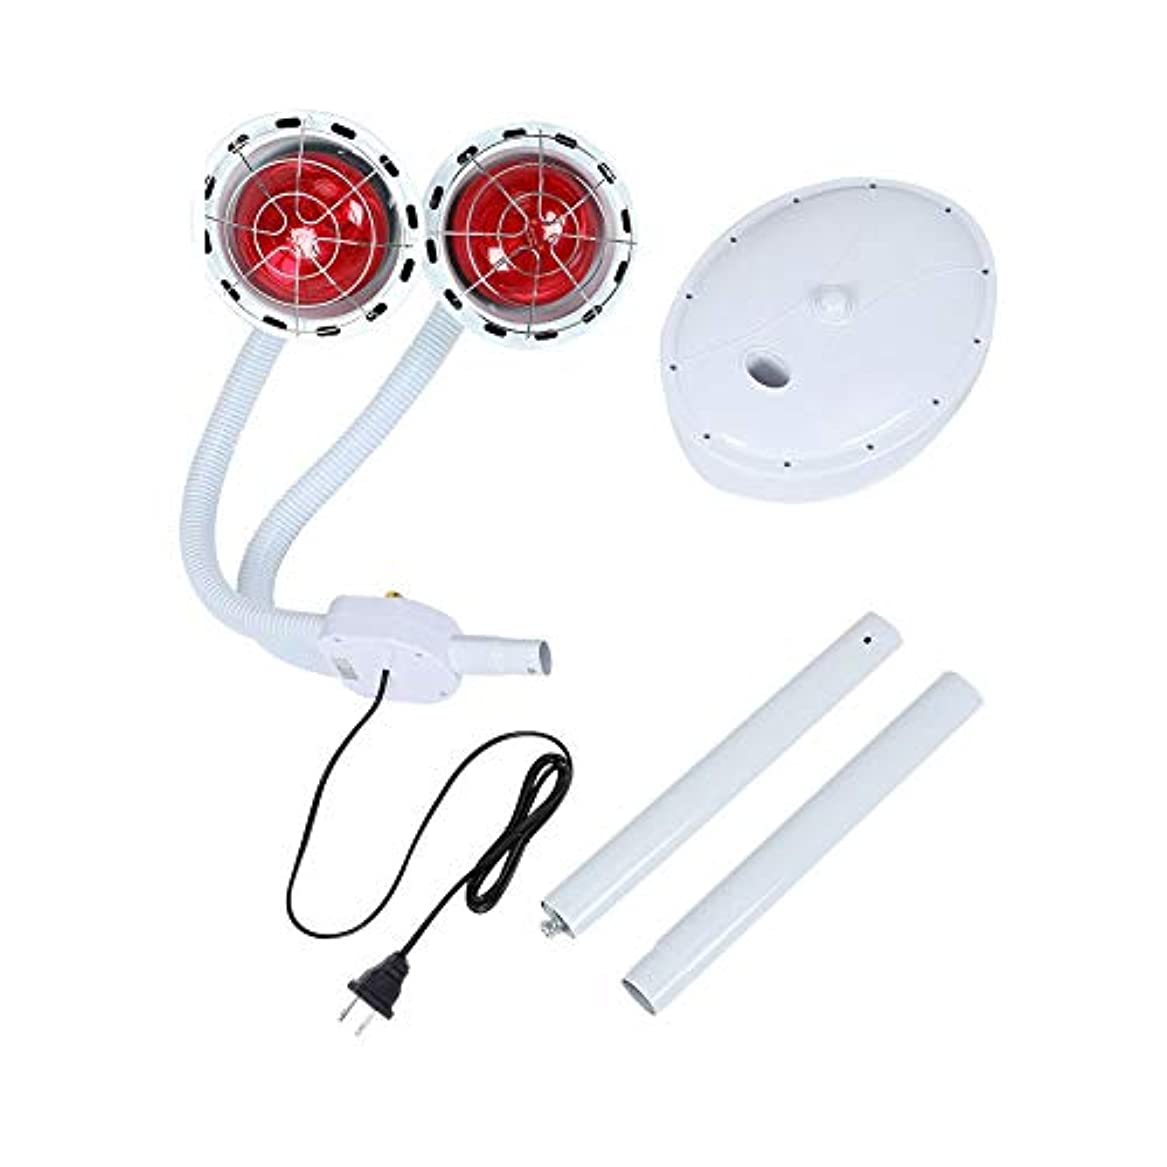 日焼け投げ捨てる有効な赤外線電灯 ダブルヘッド 270W ライト調節可能 療法ヒートランプセット 睡眠改善 関節痛みを軽減 ボディケア 家庭 健康 介護用 理学療法肌美容兼用